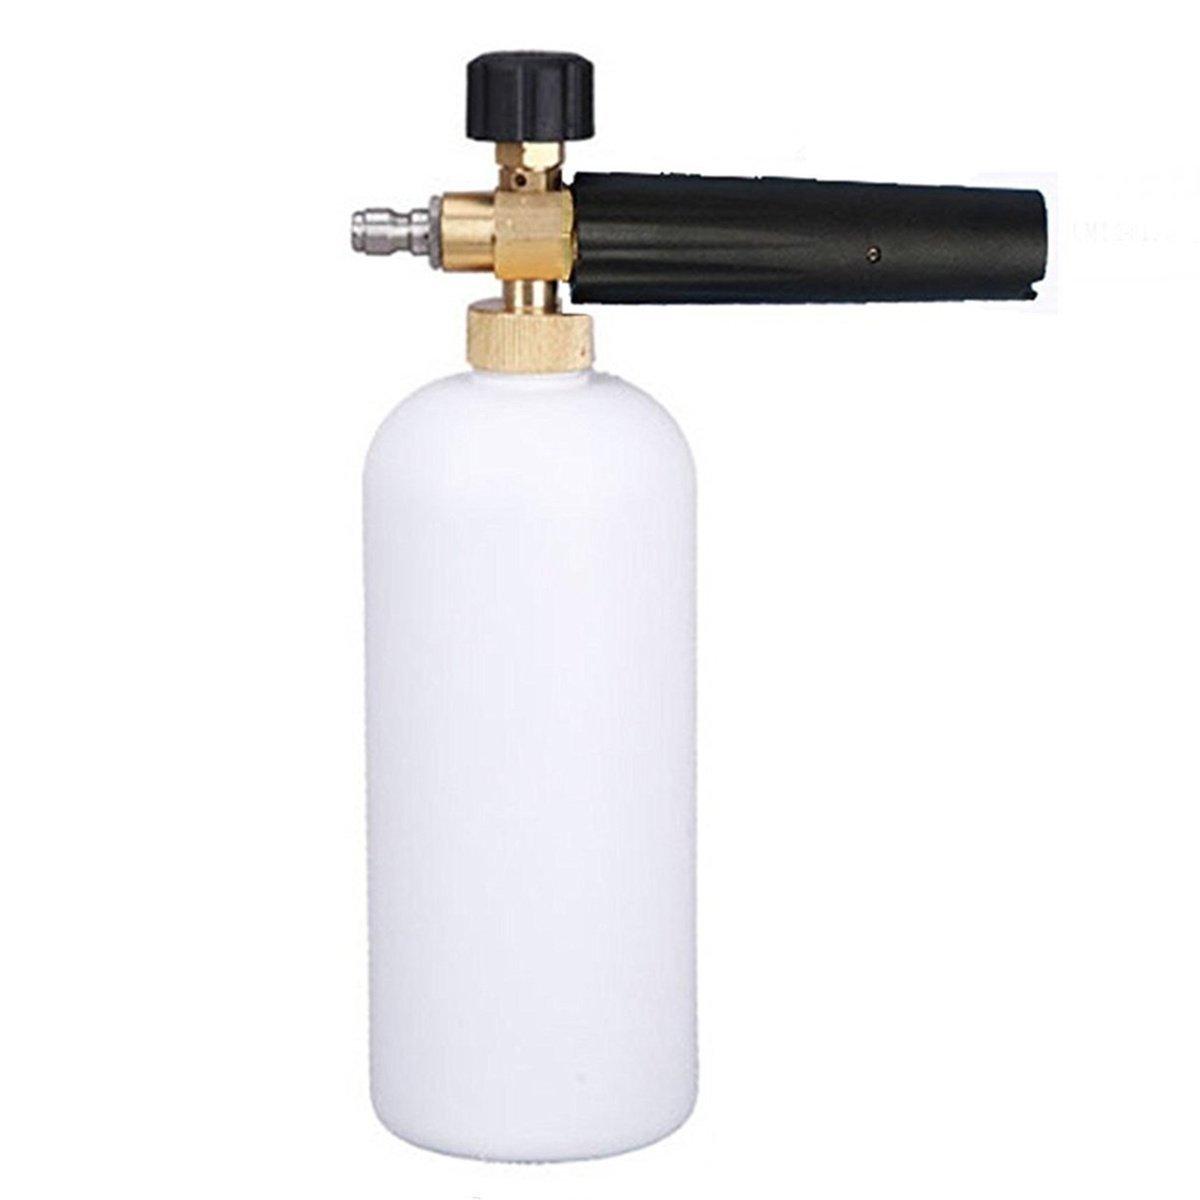 Ocamo Fuel Injector Cleaner Car Wash Gun Bottle, Adjustable Foam Cannon 1 Liter Bottle Snow Foam Lance, 1/4'' Adjustable Car Wash Gun Snow Foam Lance High Pressure Car Washer Bottle Cannon Tools